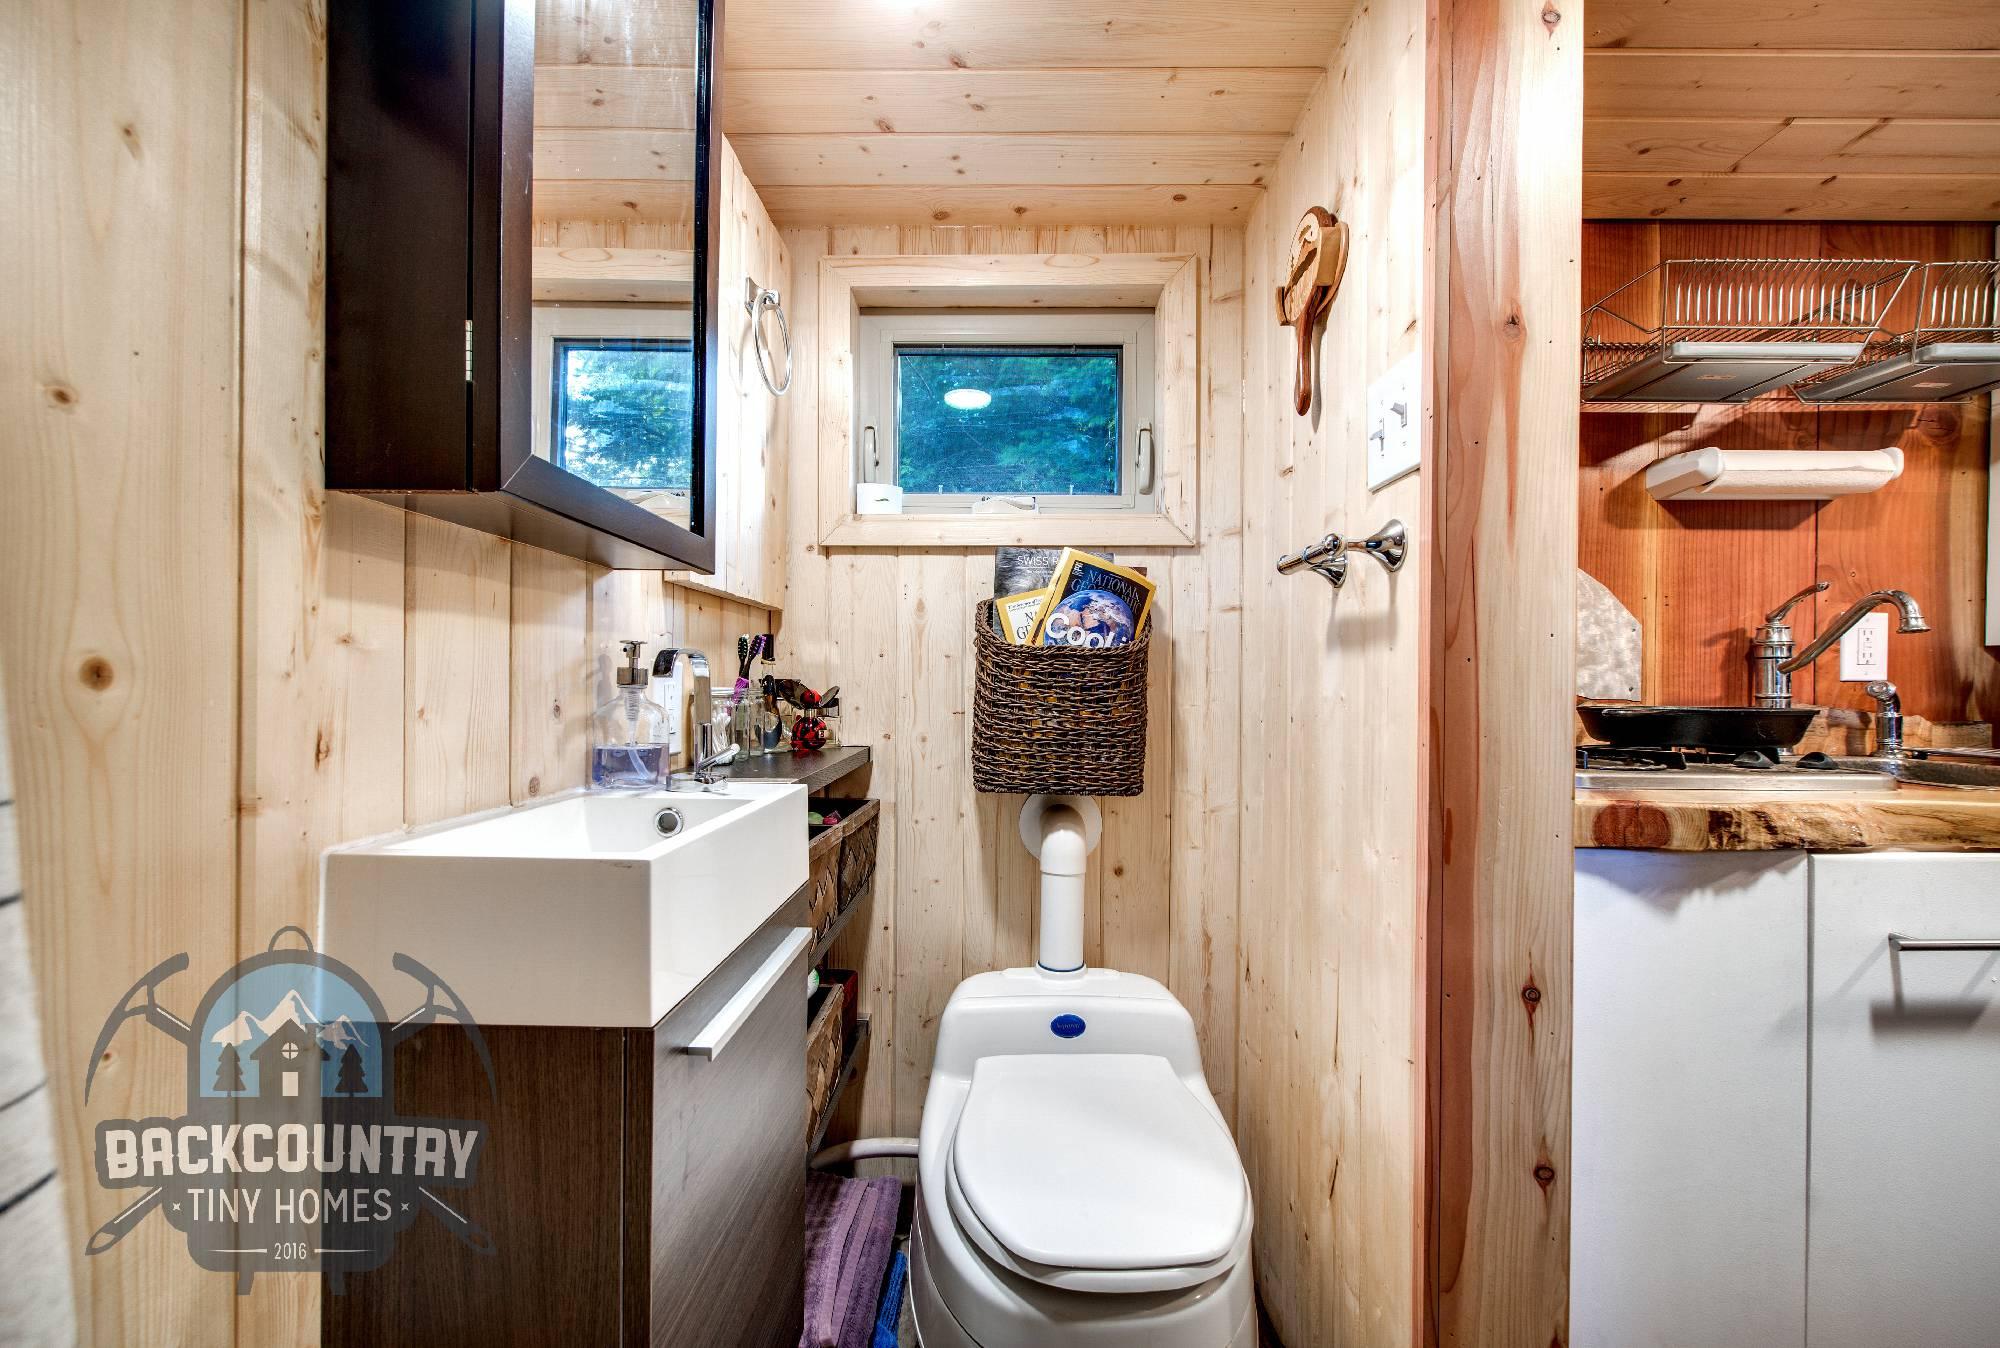 Backcountry Basecamp Tiny House bathroom 2